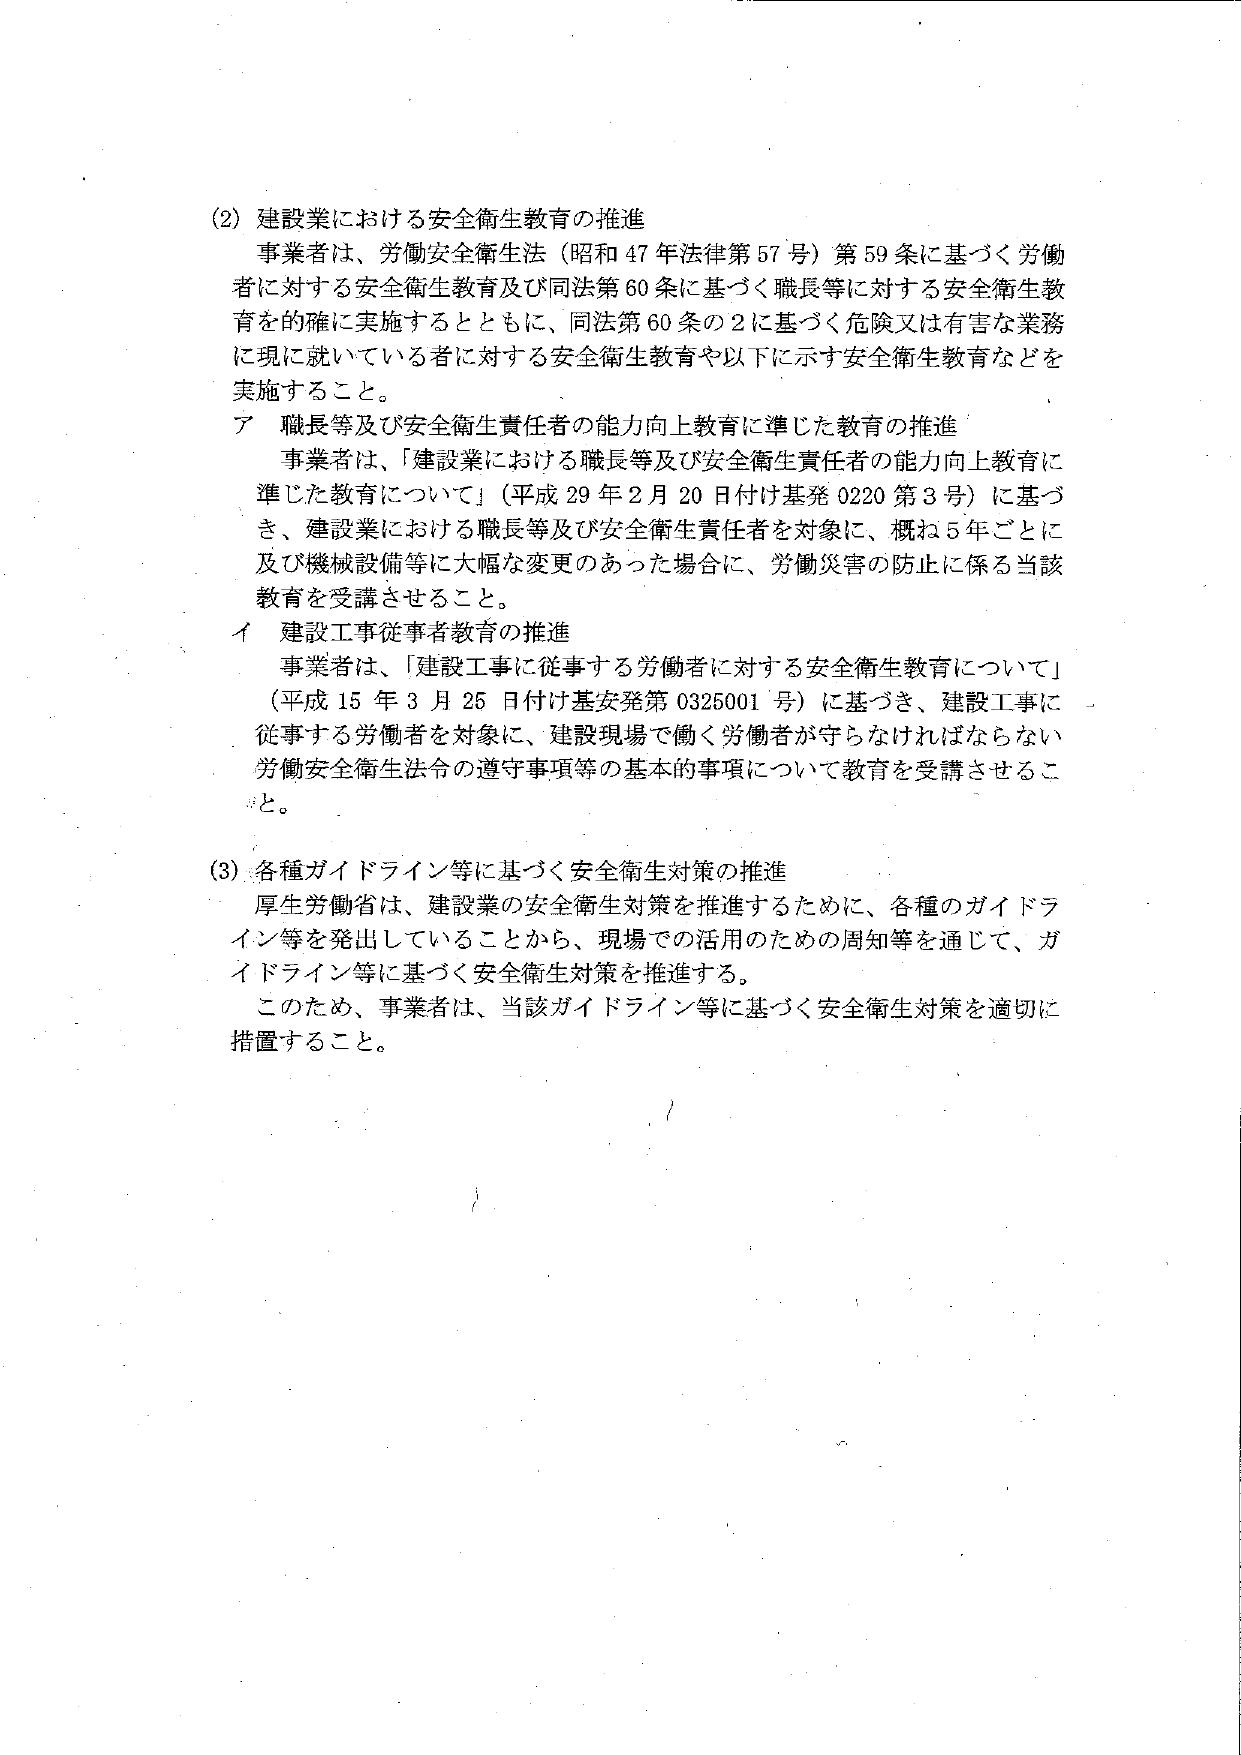 令和2年度における建設業の安全衛生対策の推進について(要請)_page-0008